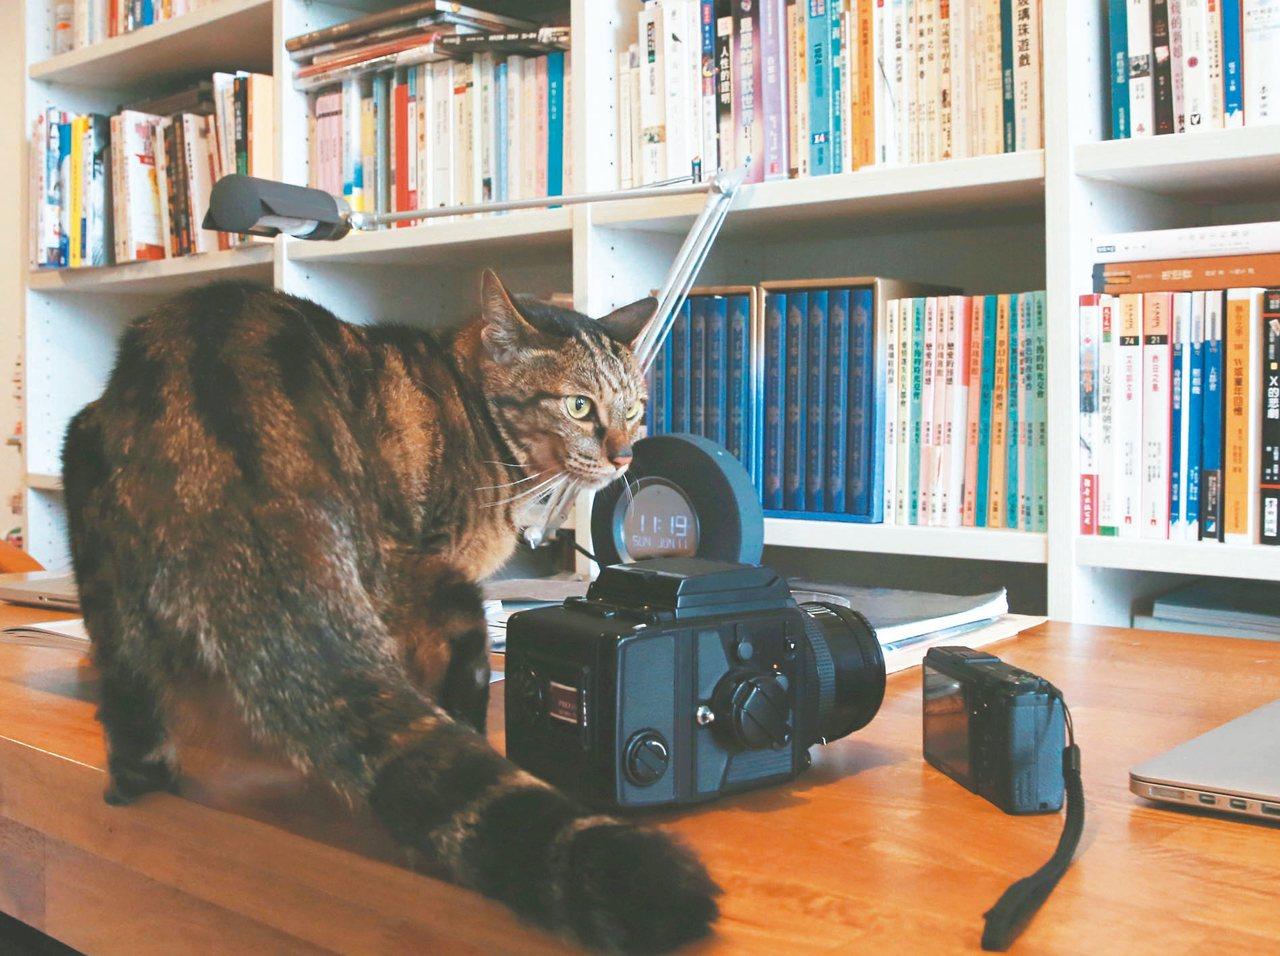 王聰威說:「小貓愛我。」 圖╱本報記者黃義書攝影